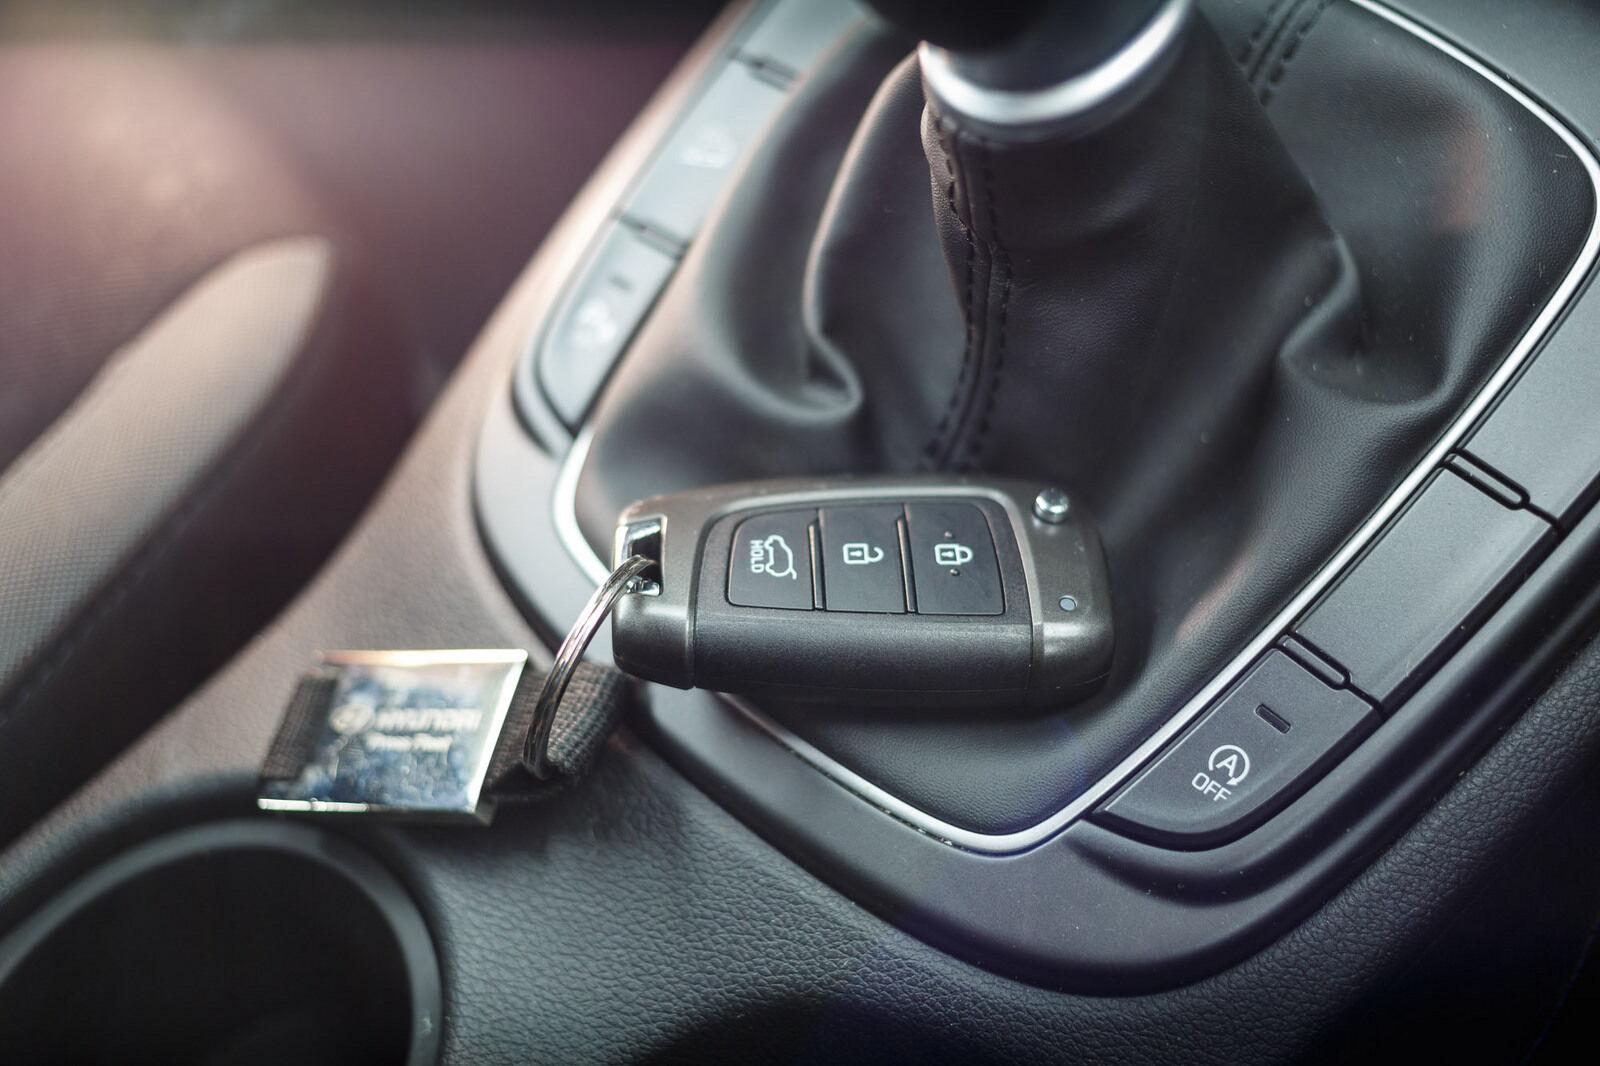 Kokius automobilius vagys pagrobia lengviausiai? Pabandė įsilaužti į beraktės atrakinimo sistemos automobilius: iš 237 automobilių – tik 3 neįveikiami